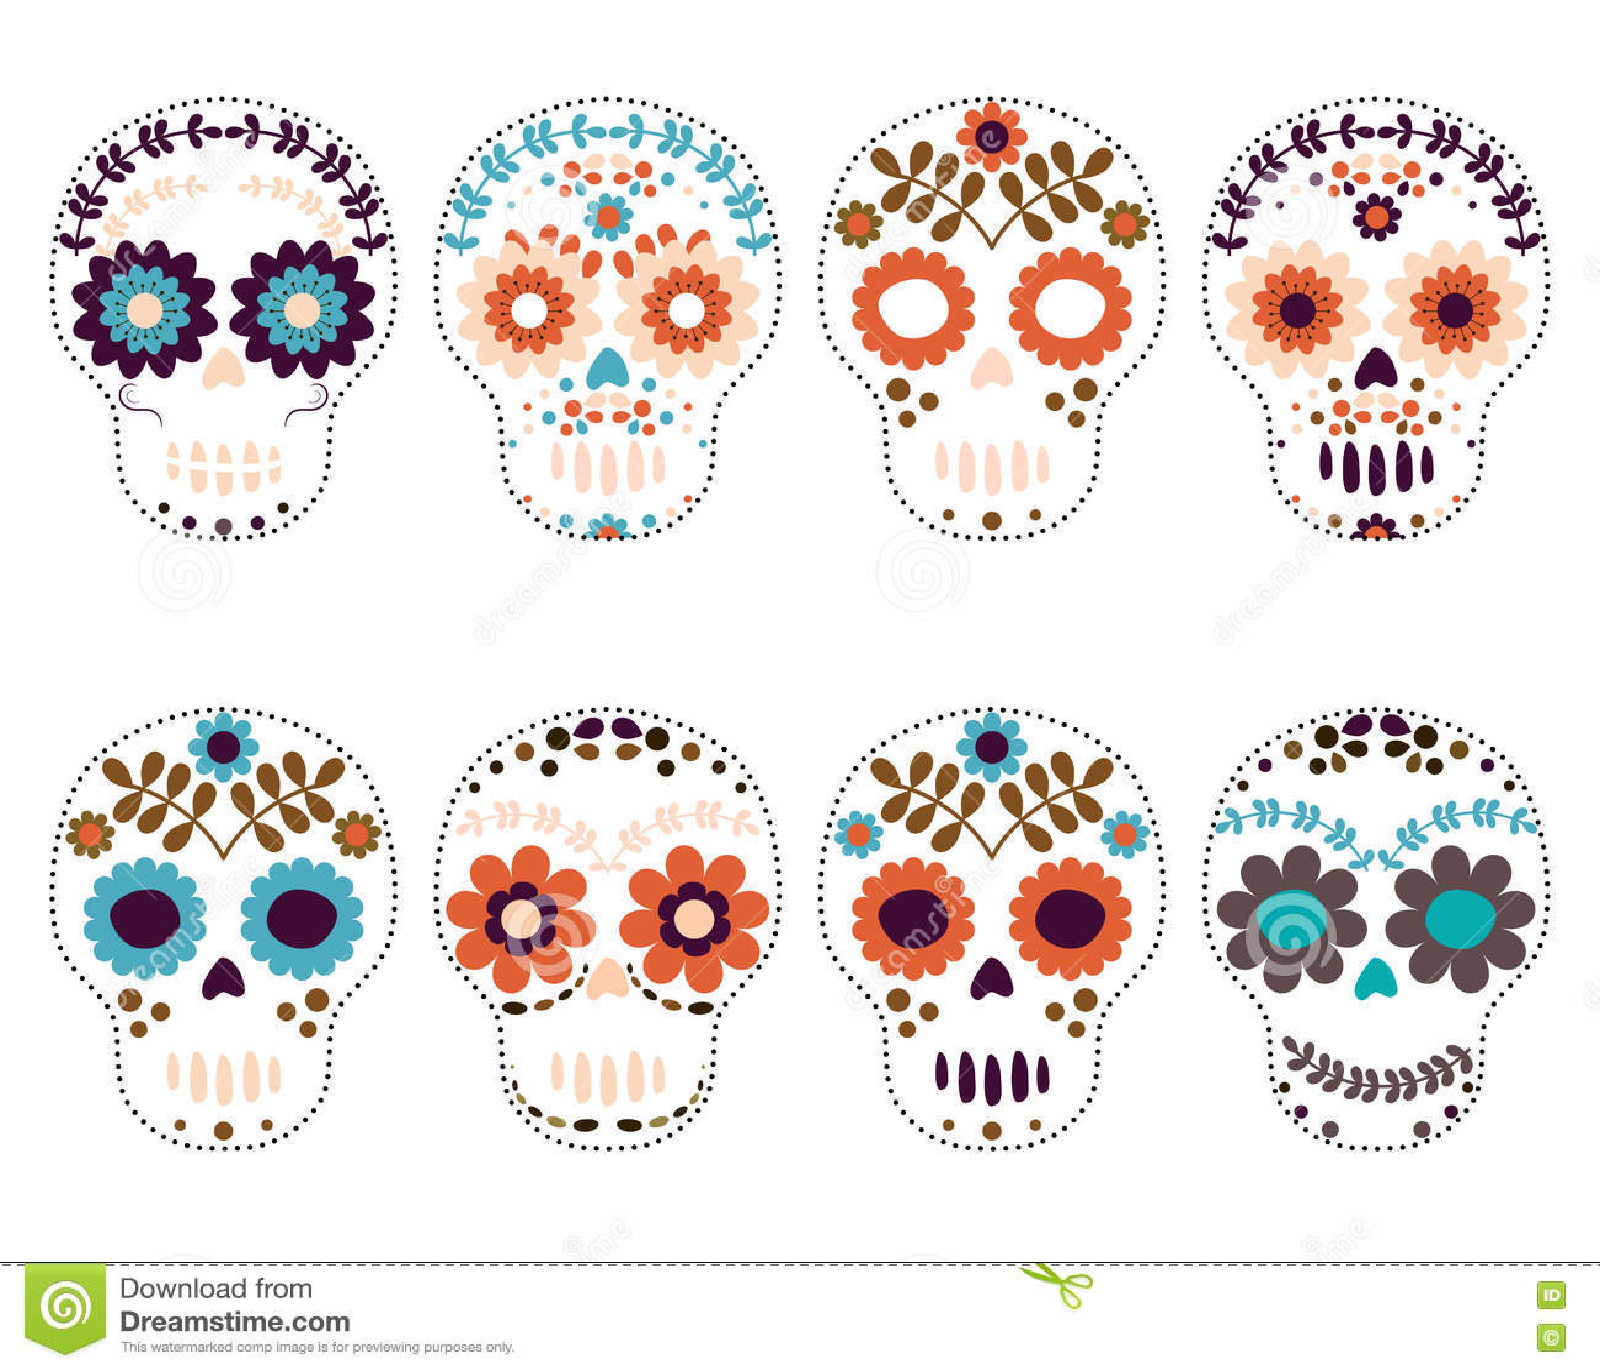 hight resolution of sugar skulls day of the dead